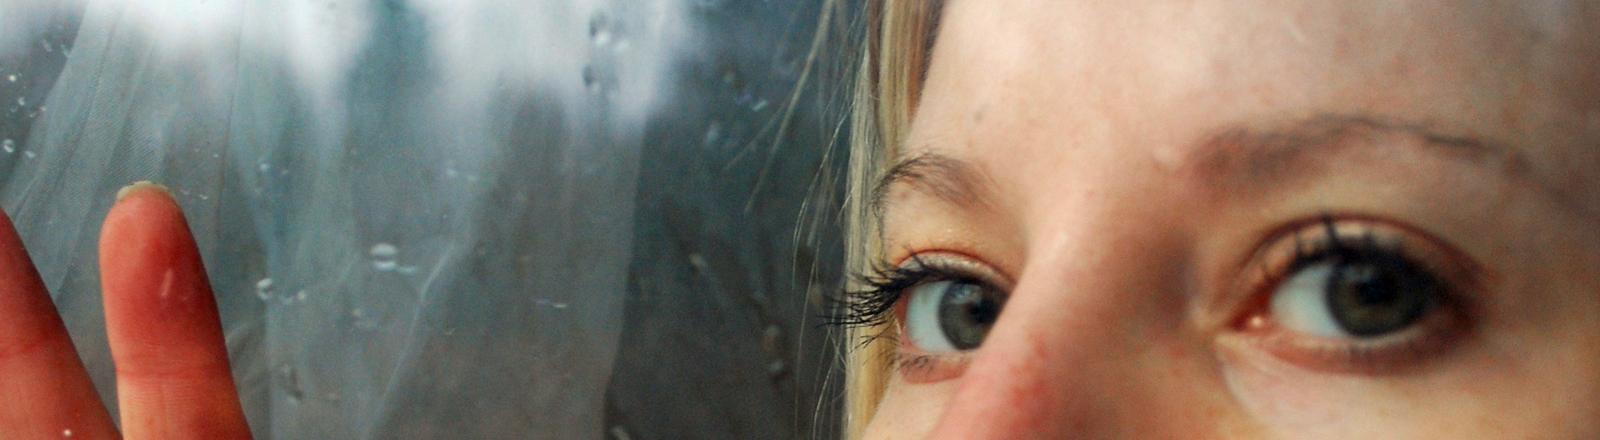 Eine Frau schaut an einem verregneten Tag durchs Fenster.